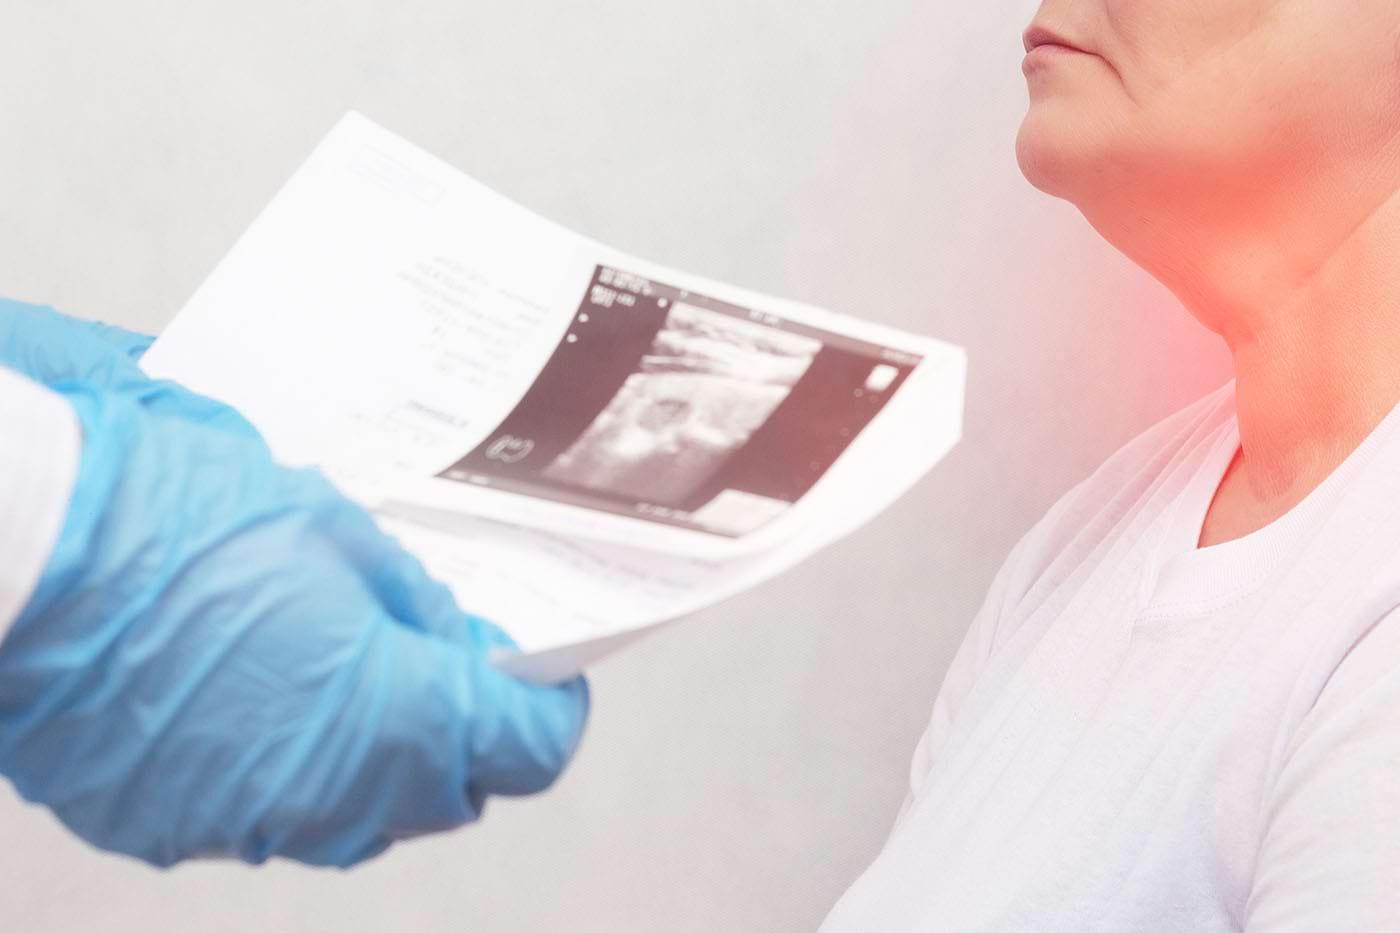 Numărul cazurilor de cancer tiroidian a crescut la nivel mondial [studiu]